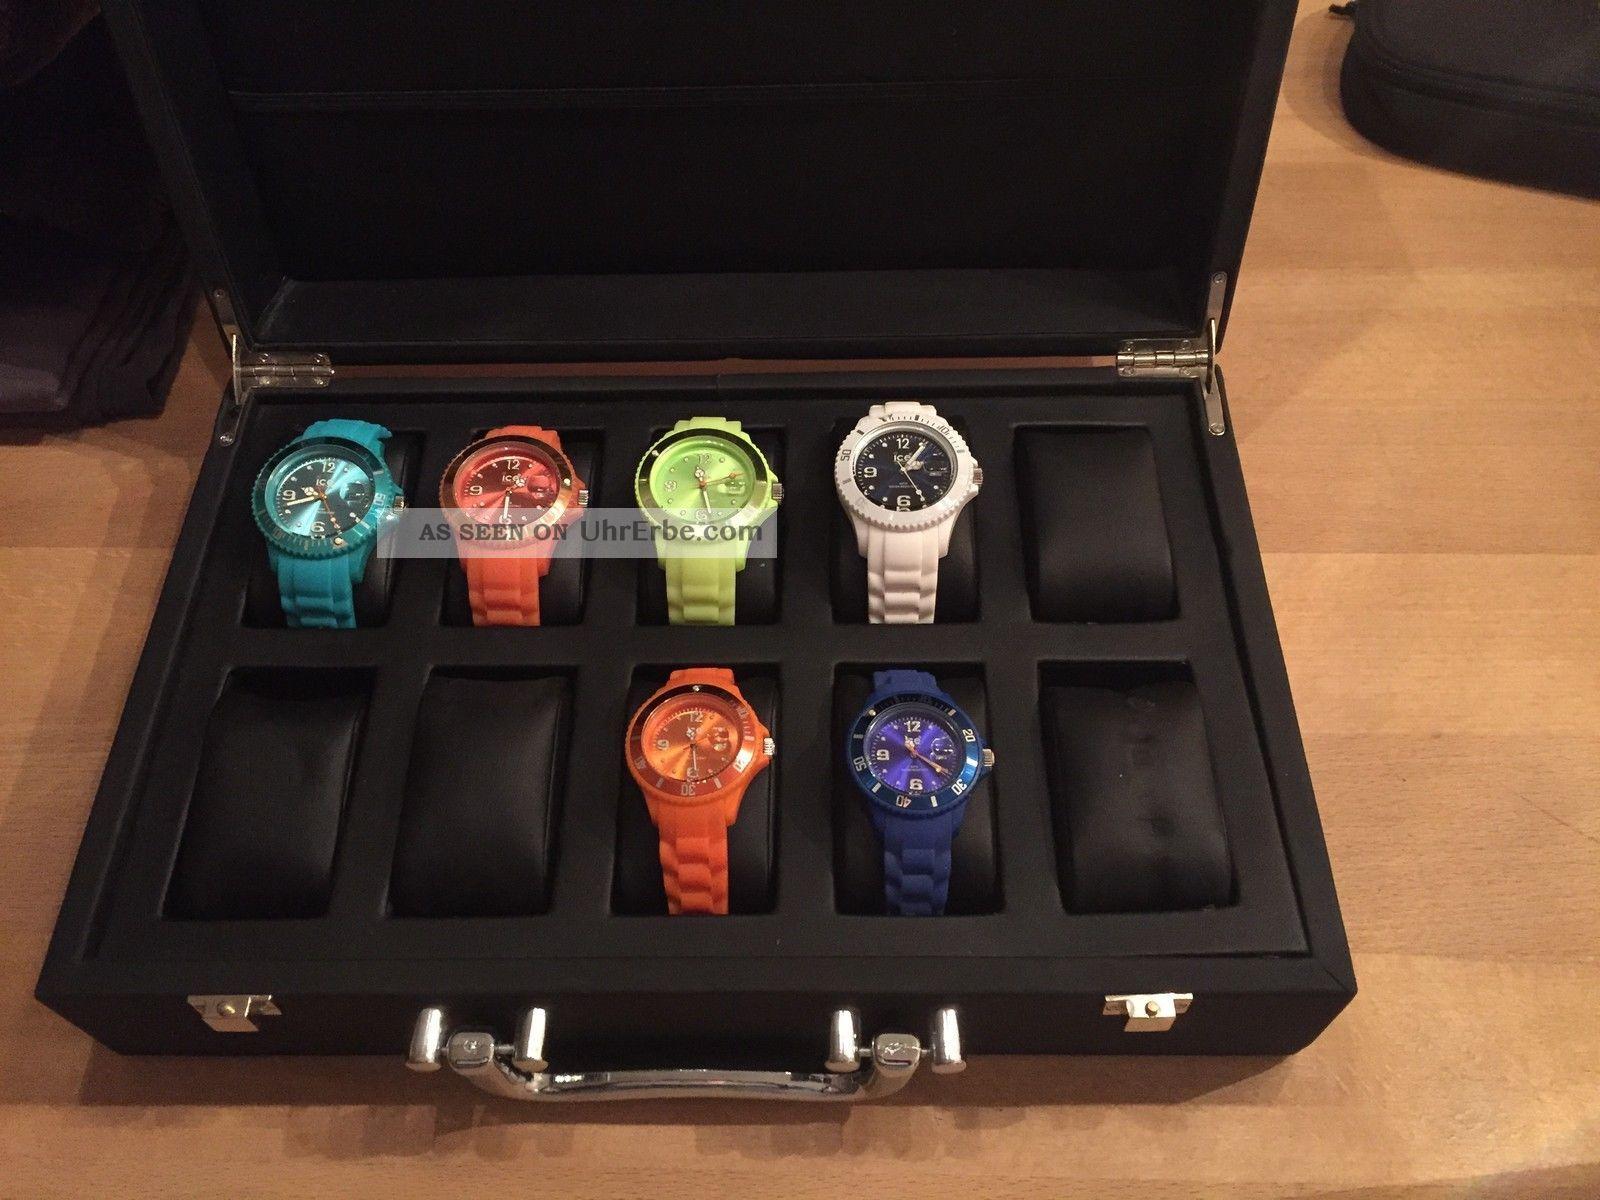 Ice Watch Uhren Mit Koffer Armbanduhren Bild